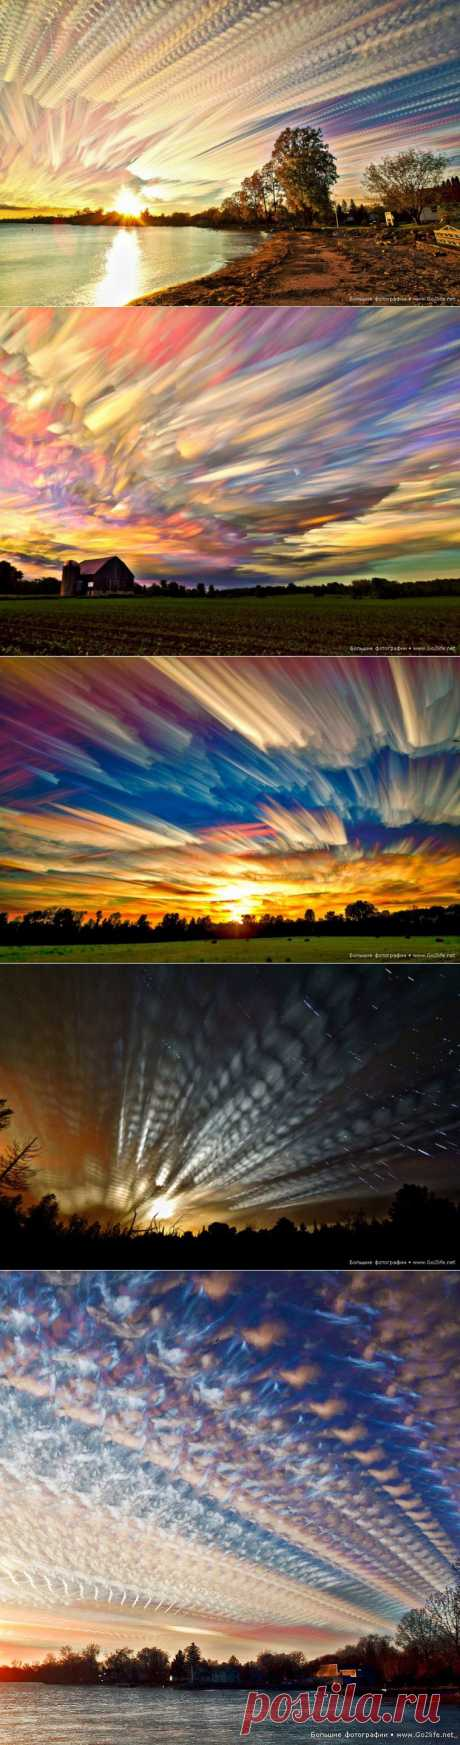 Фантастическое небо: от таких закатов и рассветов можно сойти с ума! » Большие фото: ты увидишь мир